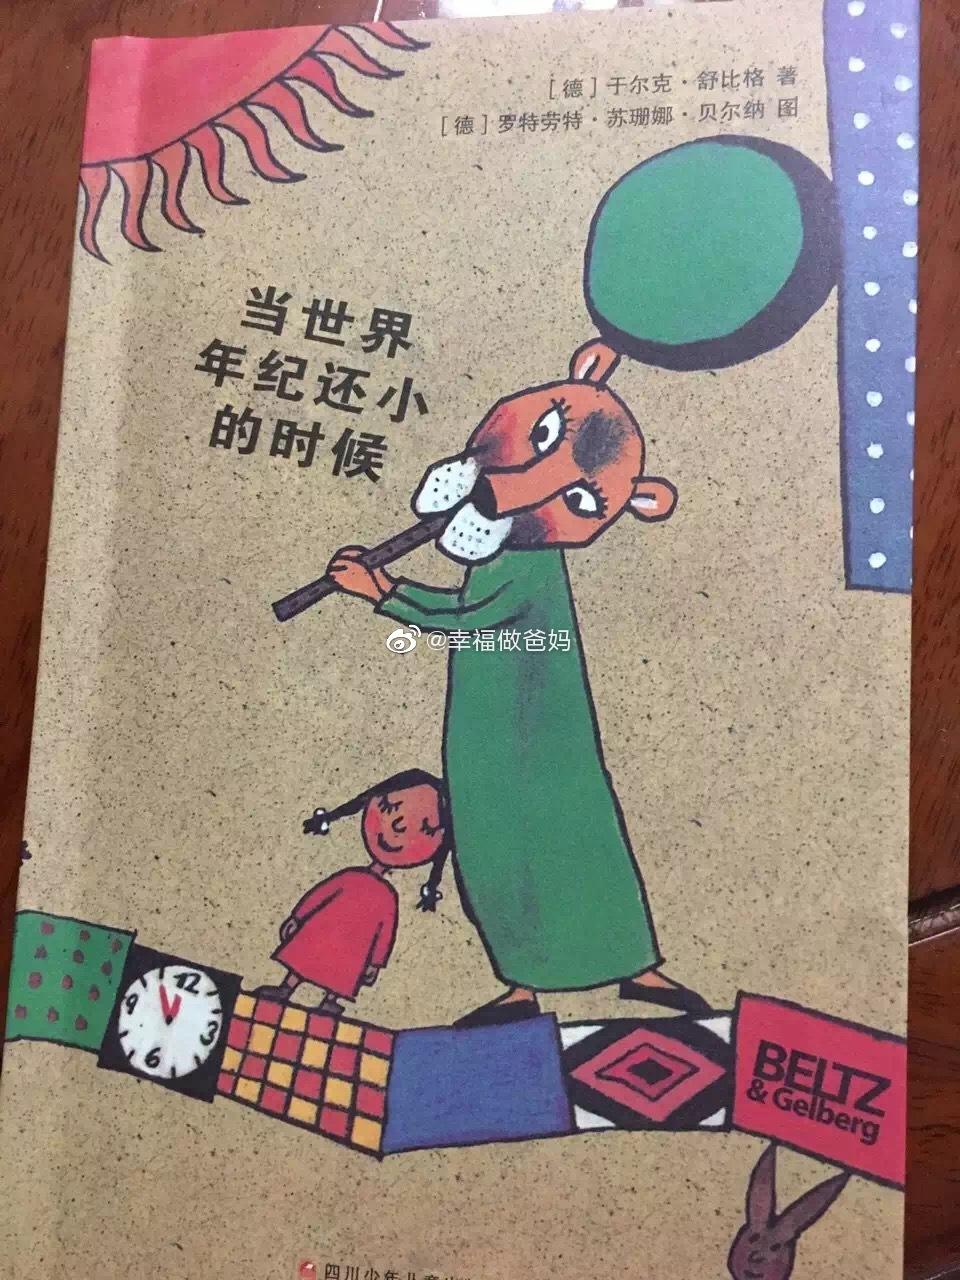 二宝偶然看见邻居小姐姐的书→_→《当世界年纪还小的时候》喜欢的不